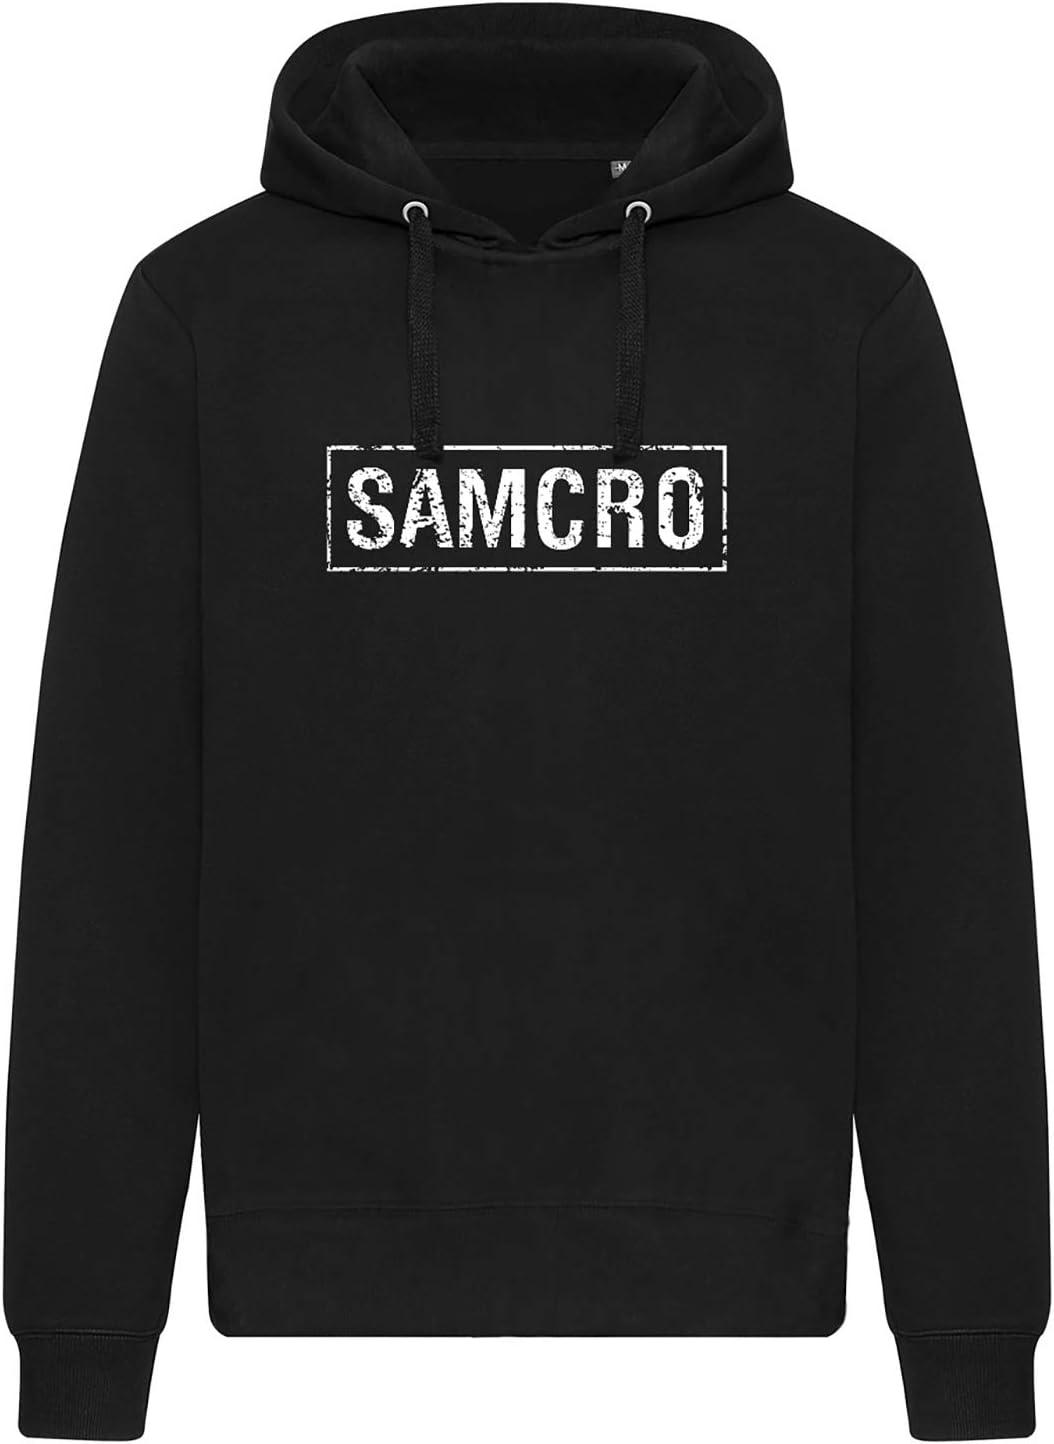 SONS of Anarchy - Samcro capuchontrui/sweatshirt zonder zakken